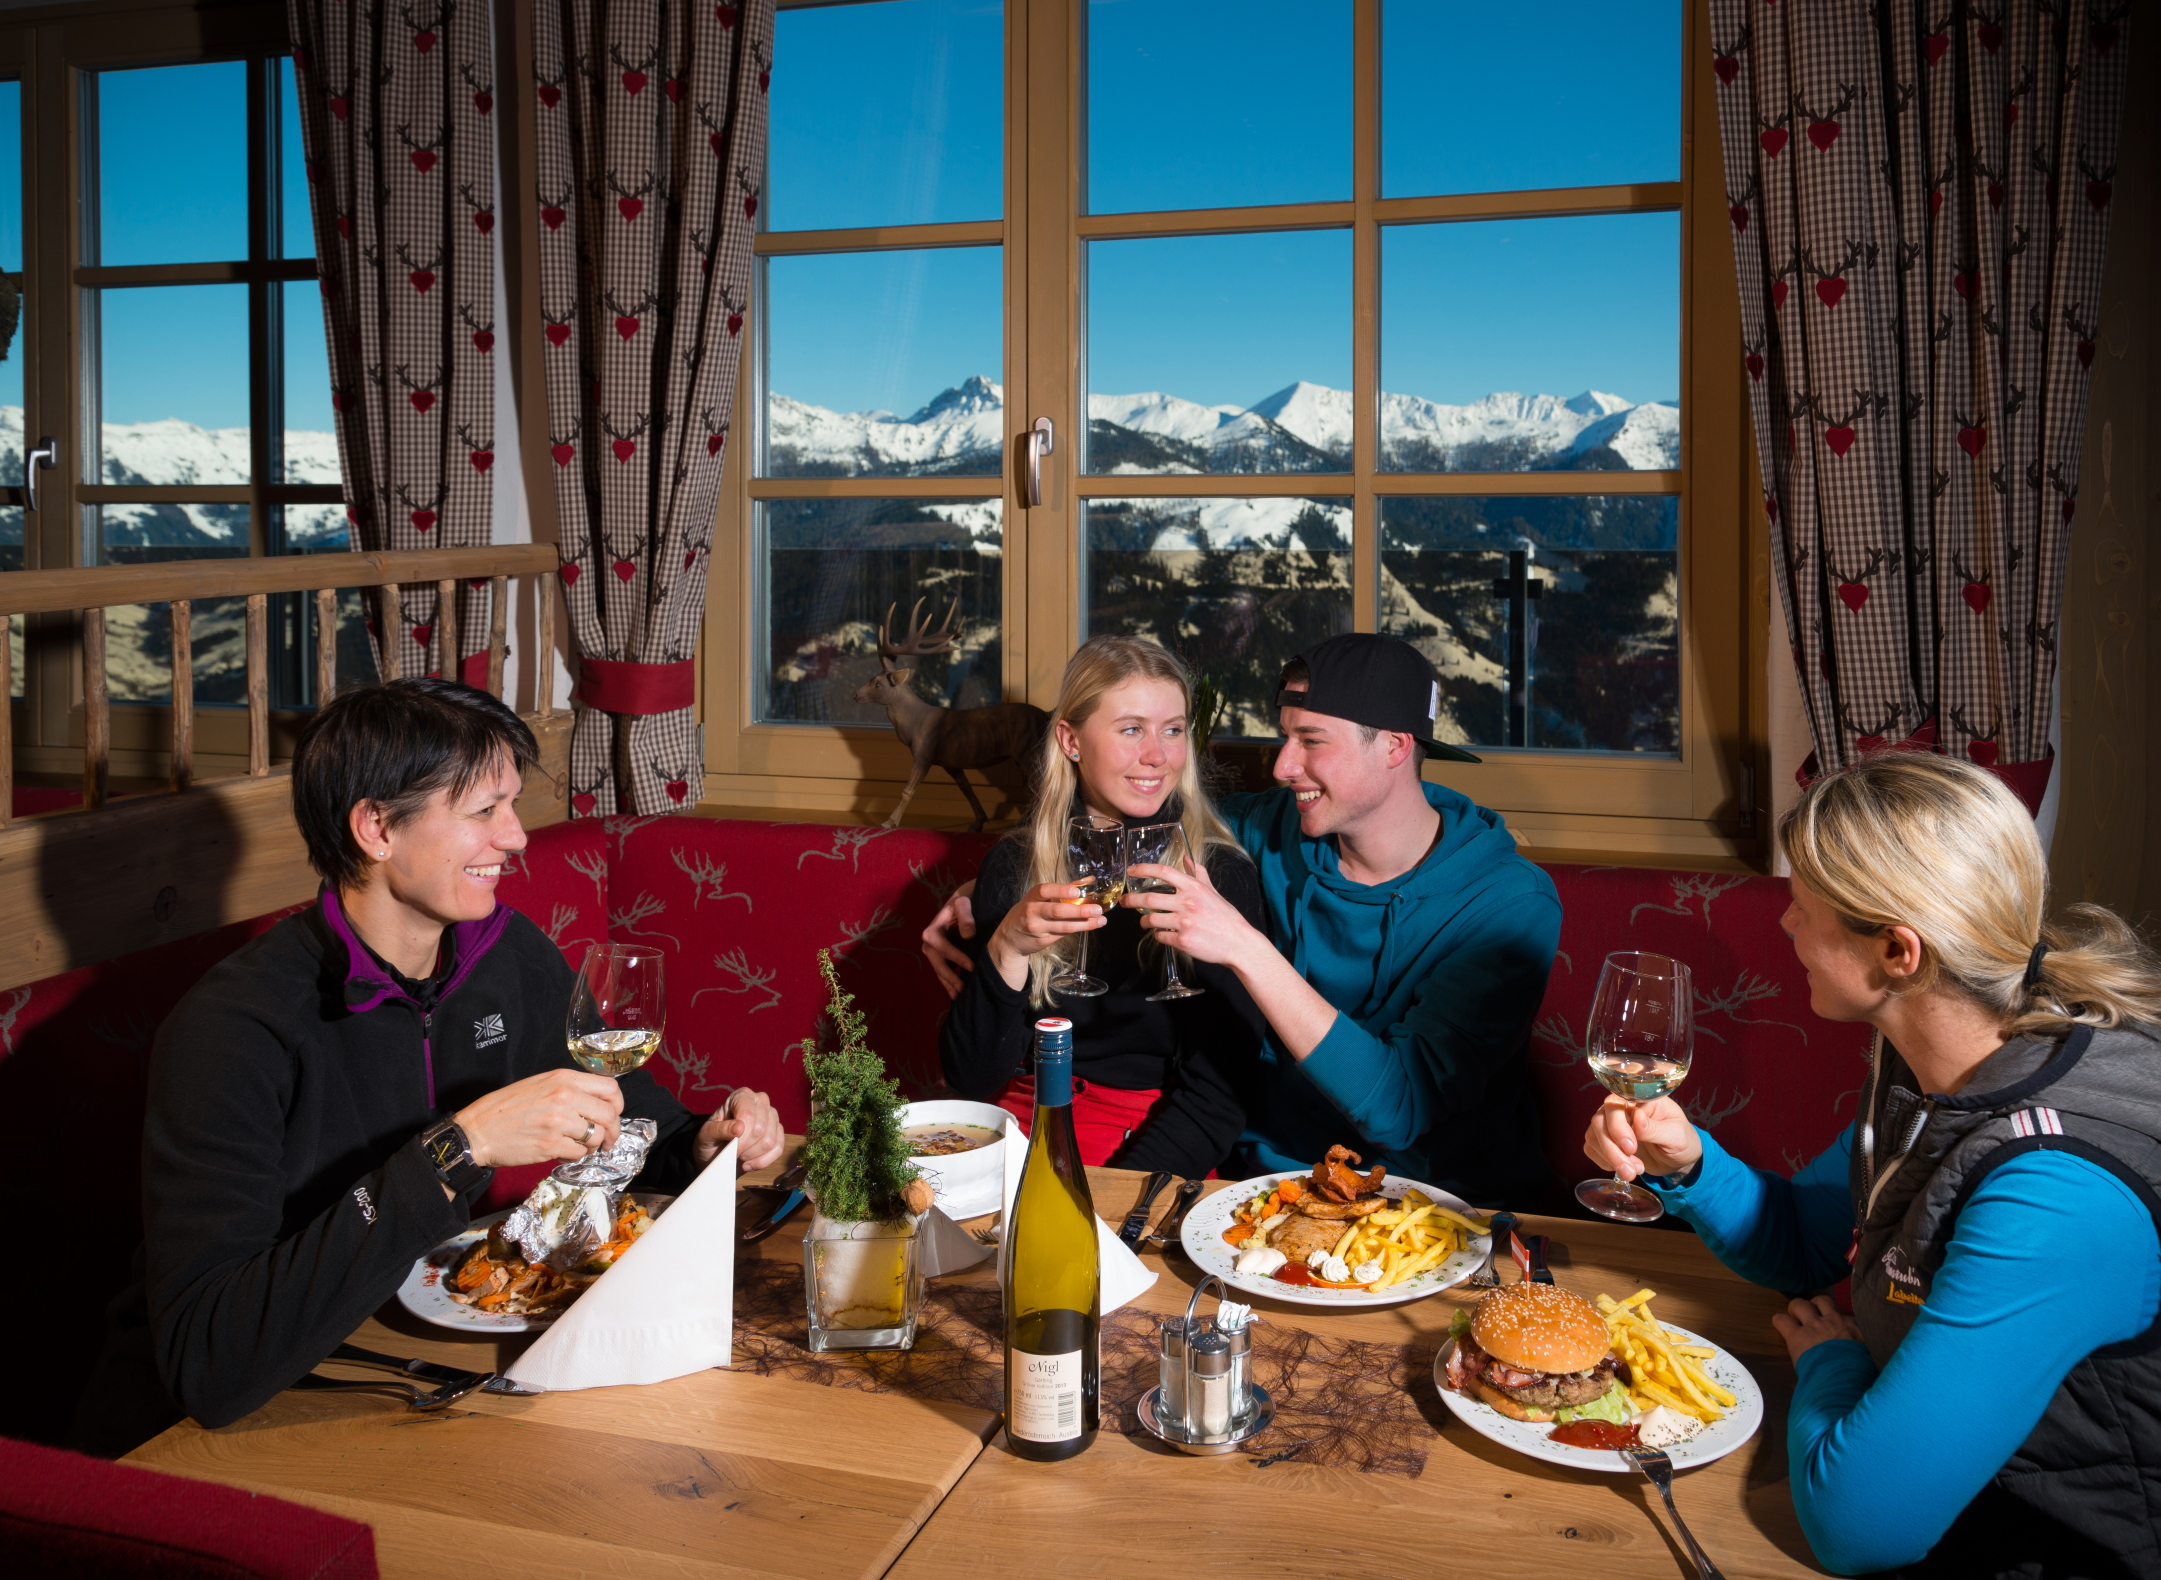 ferienhaus-grabenhaeusl-skihuette-einkehren-grossarltel